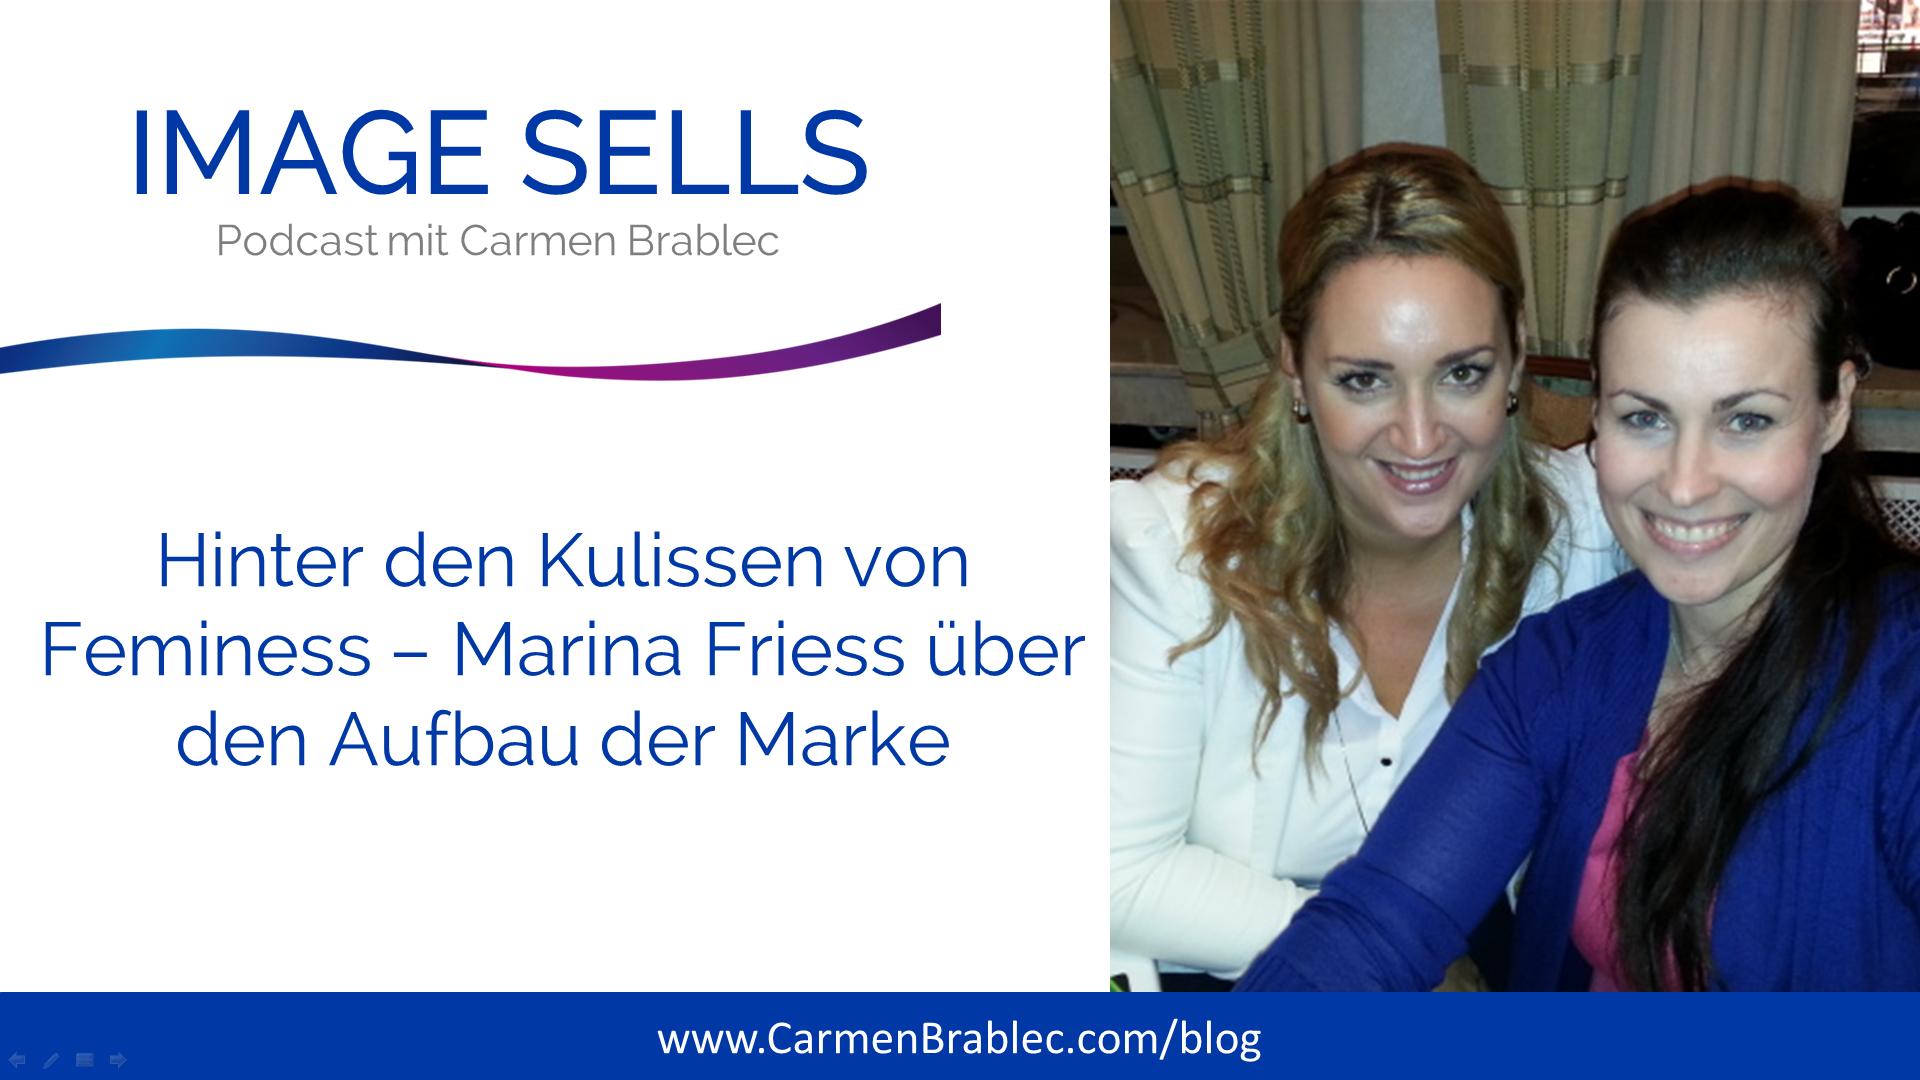 ISP #018 – Hinter den Kulissen von Feminess – Marina Friess über den Aufbau der Marke